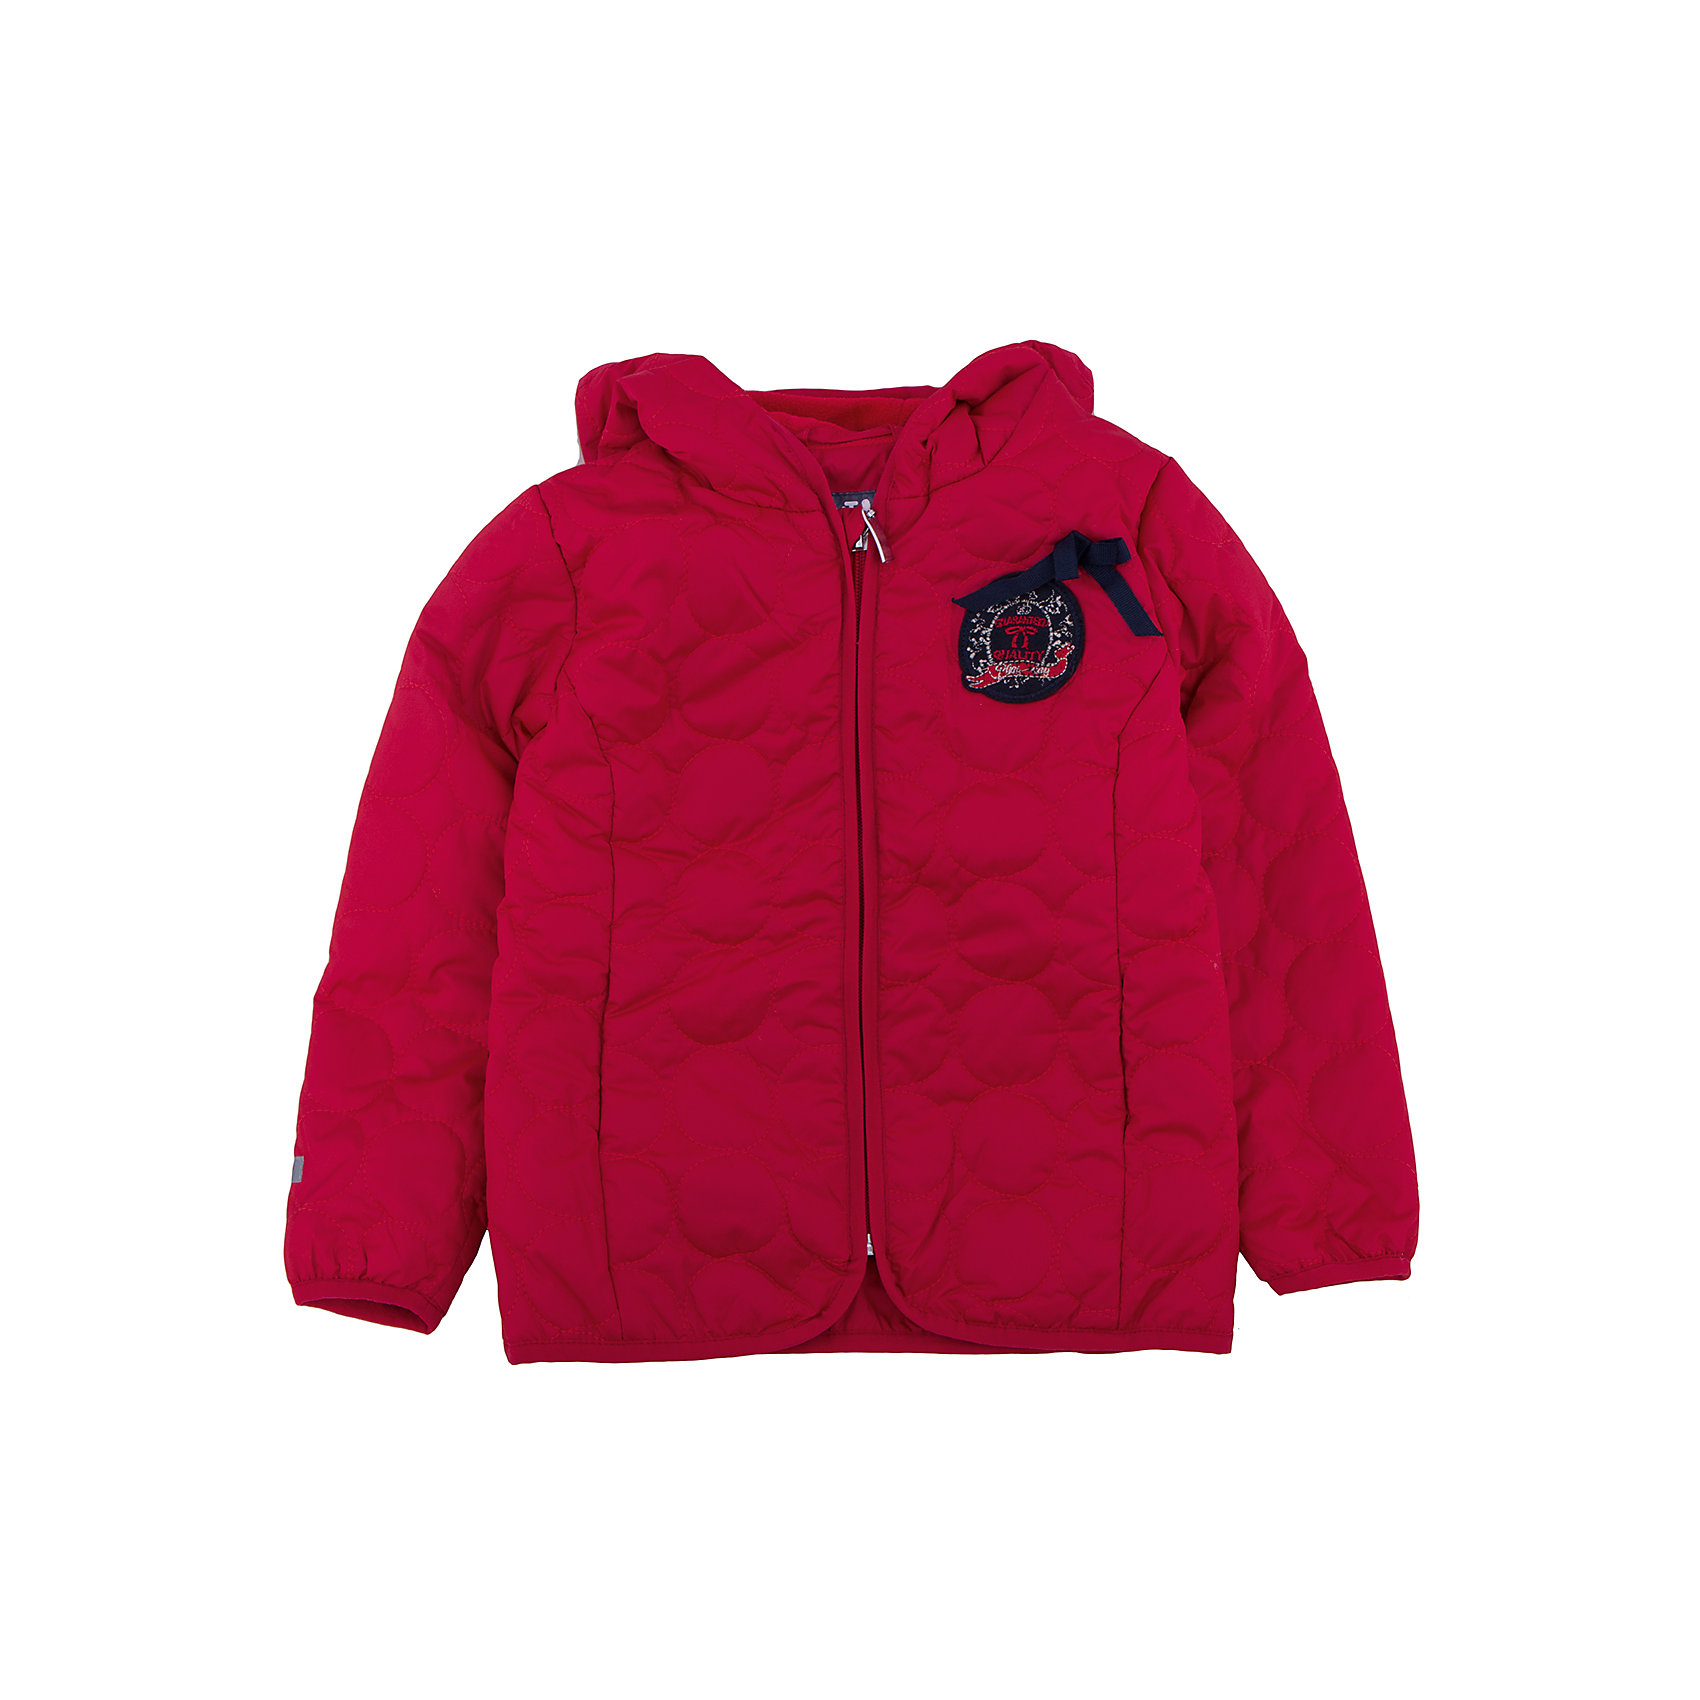 Куртка для девочки PlayTodayКуртка для девочки от известного бренда PlayToday.<br>Стильная красная куртка с фигурной стежкой.  Отсутствие большого количества синтепона компенсируется теплой флисовой подкладкой. Куртка легкая и удобная, но в ней можно гулять хоть весь день. Застегивается на молнию с защитой подбородка. Края обработаны мягким эластичным кантом для защиты от ветра.<br>Состав:<br>Верх: 100% полиэстер, Подкладка: 100% полиэстер, Наполнитель: 100% полиэстер, 150 г/м2<br><br>Ширина мм: 356<br>Глубина мм: 10<br>Высота мм: 245<br>Вес г: 519<br>Цвет: красный<br>Возраст от месяцев: 72<br>Возраст до месяцев: 84<br>Пол: Женский<br>Возраст: Детский<br>Размер: 122,104,98,110,116,128<br>SKU: 4897537